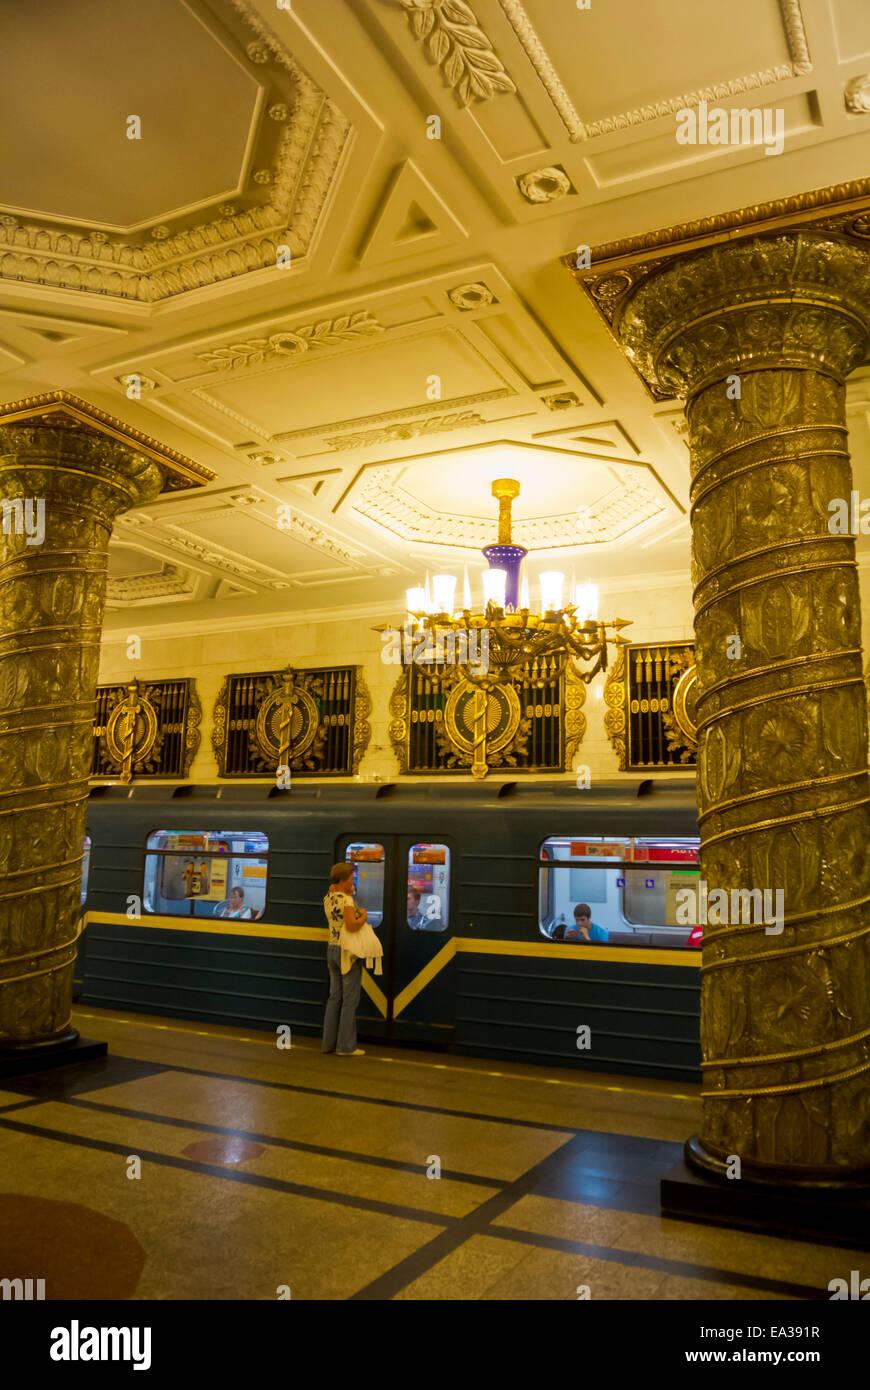 Avtovo Stazione Metro Interno San Pietroburgo Russia